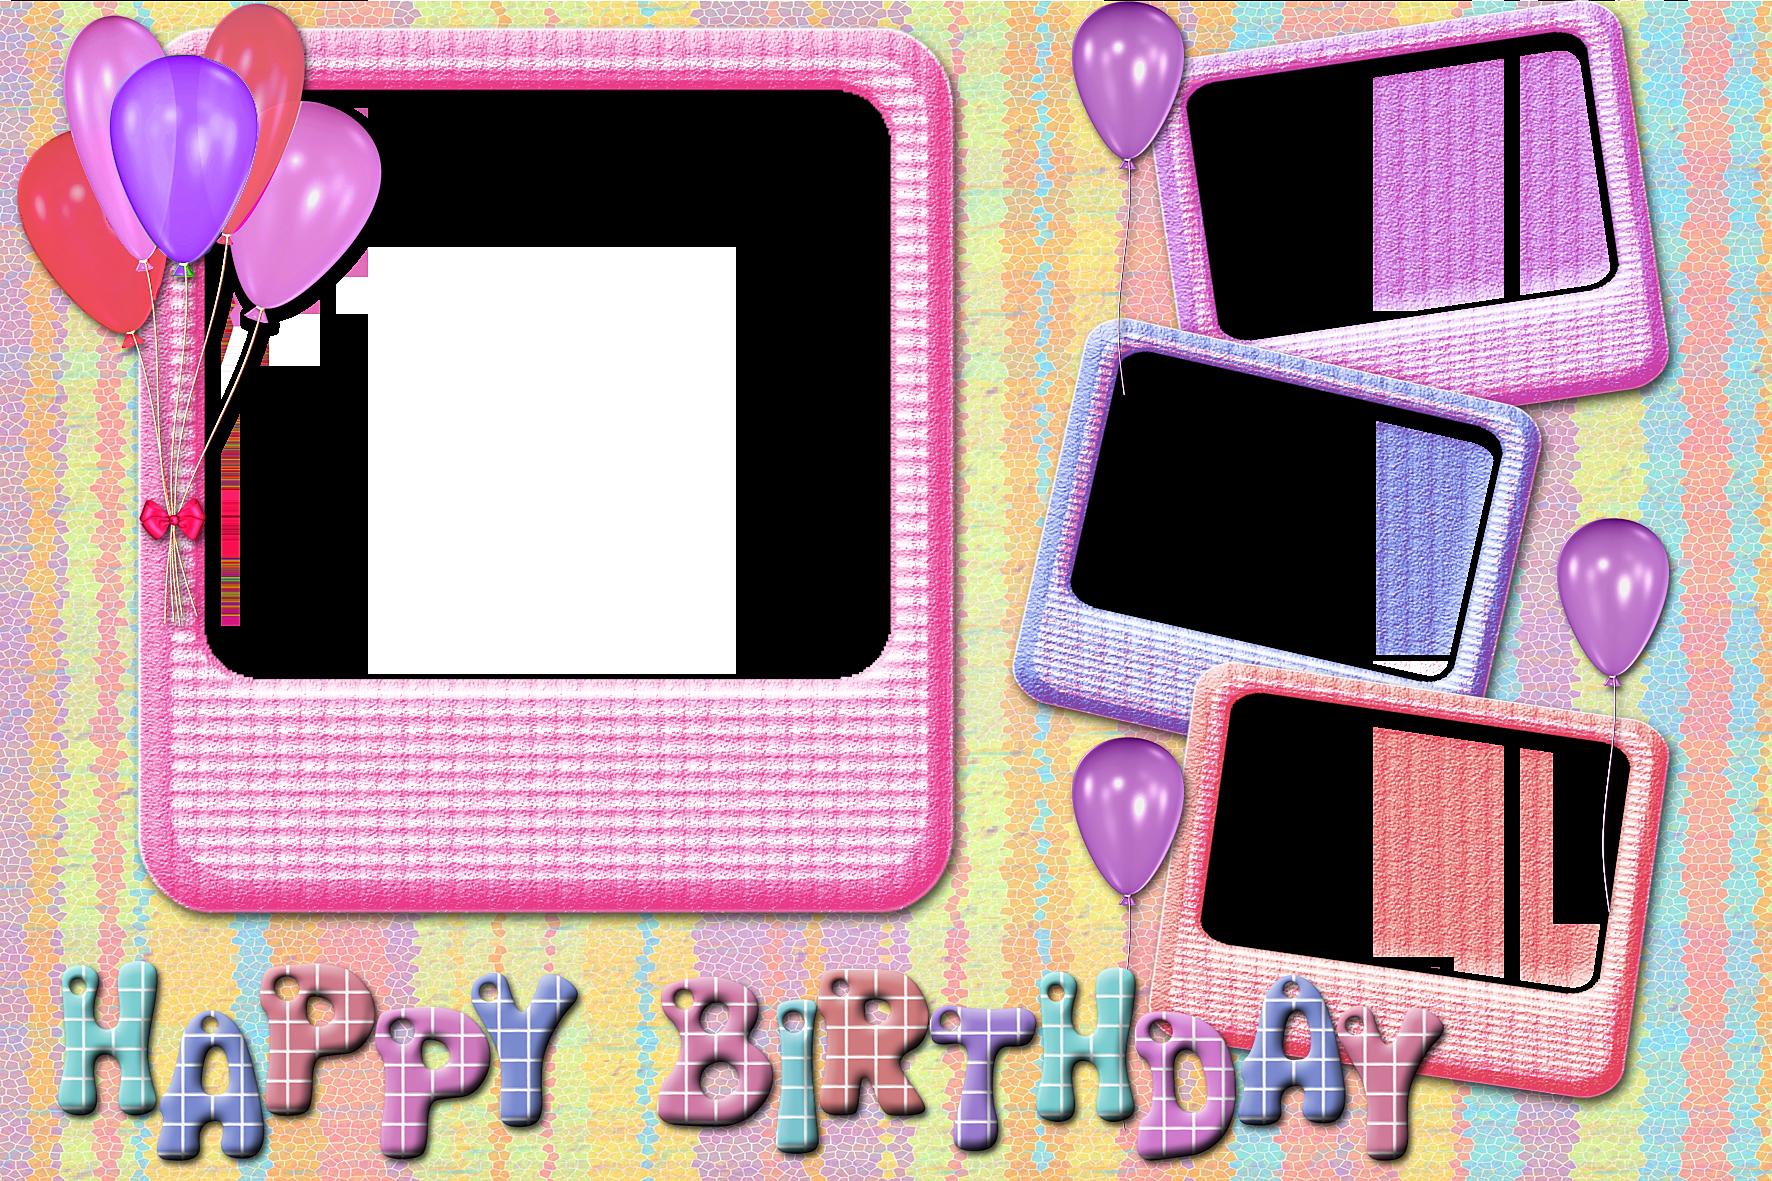 Рамки для фото на день рождения ребенка 1 год